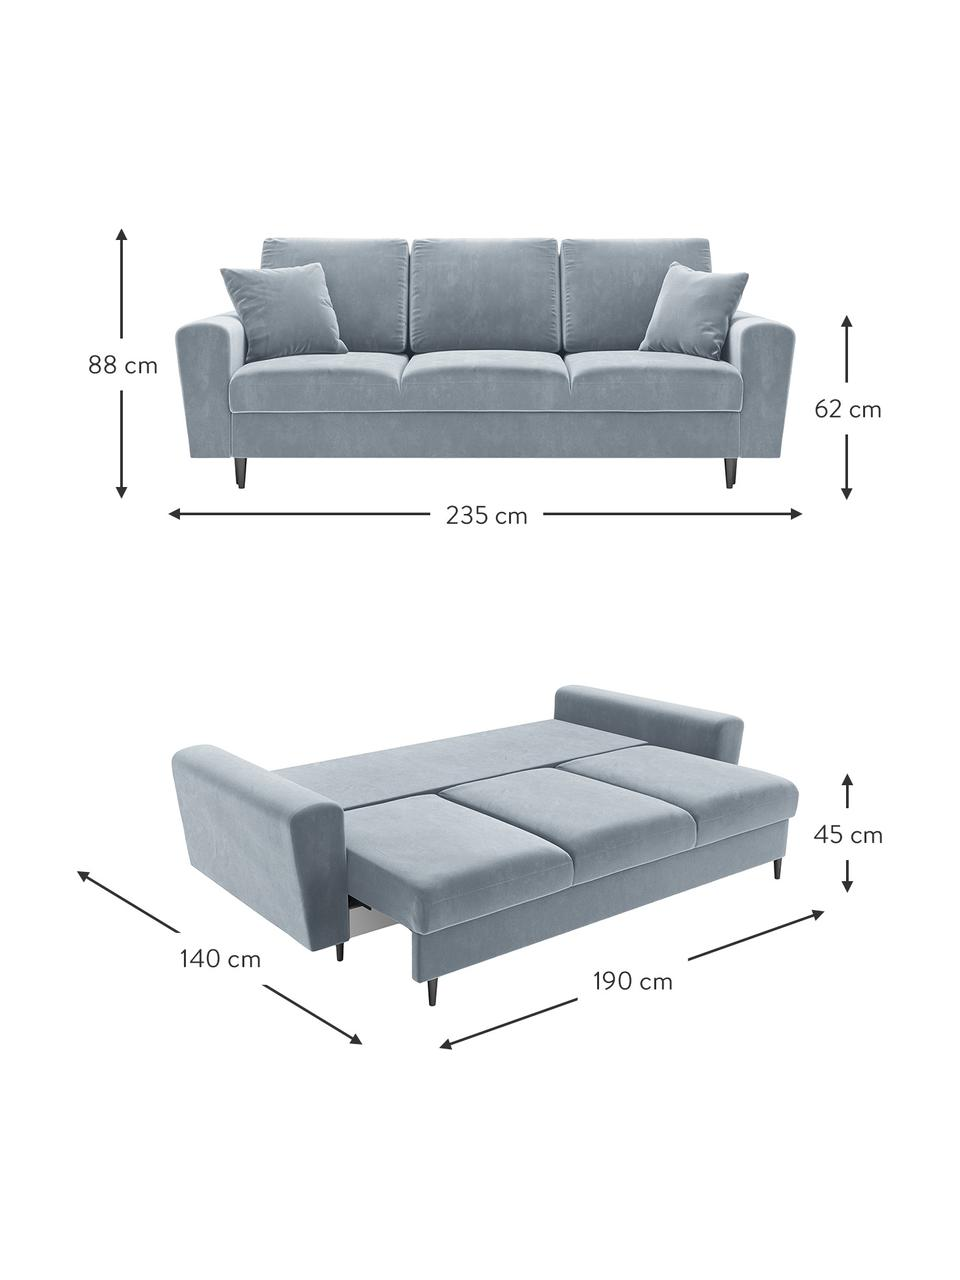 Sofa rozkładana z aksamitu z miejscem do przechowywania Moghan (3-osobowa), Tapicerka: aksamit poliestrowy Dzięk, Stelaż: lite drewno sosnowe, skle, Nogi: metal lakierowany, Jasny niebieski, czarny, S 235 x G 100 cm